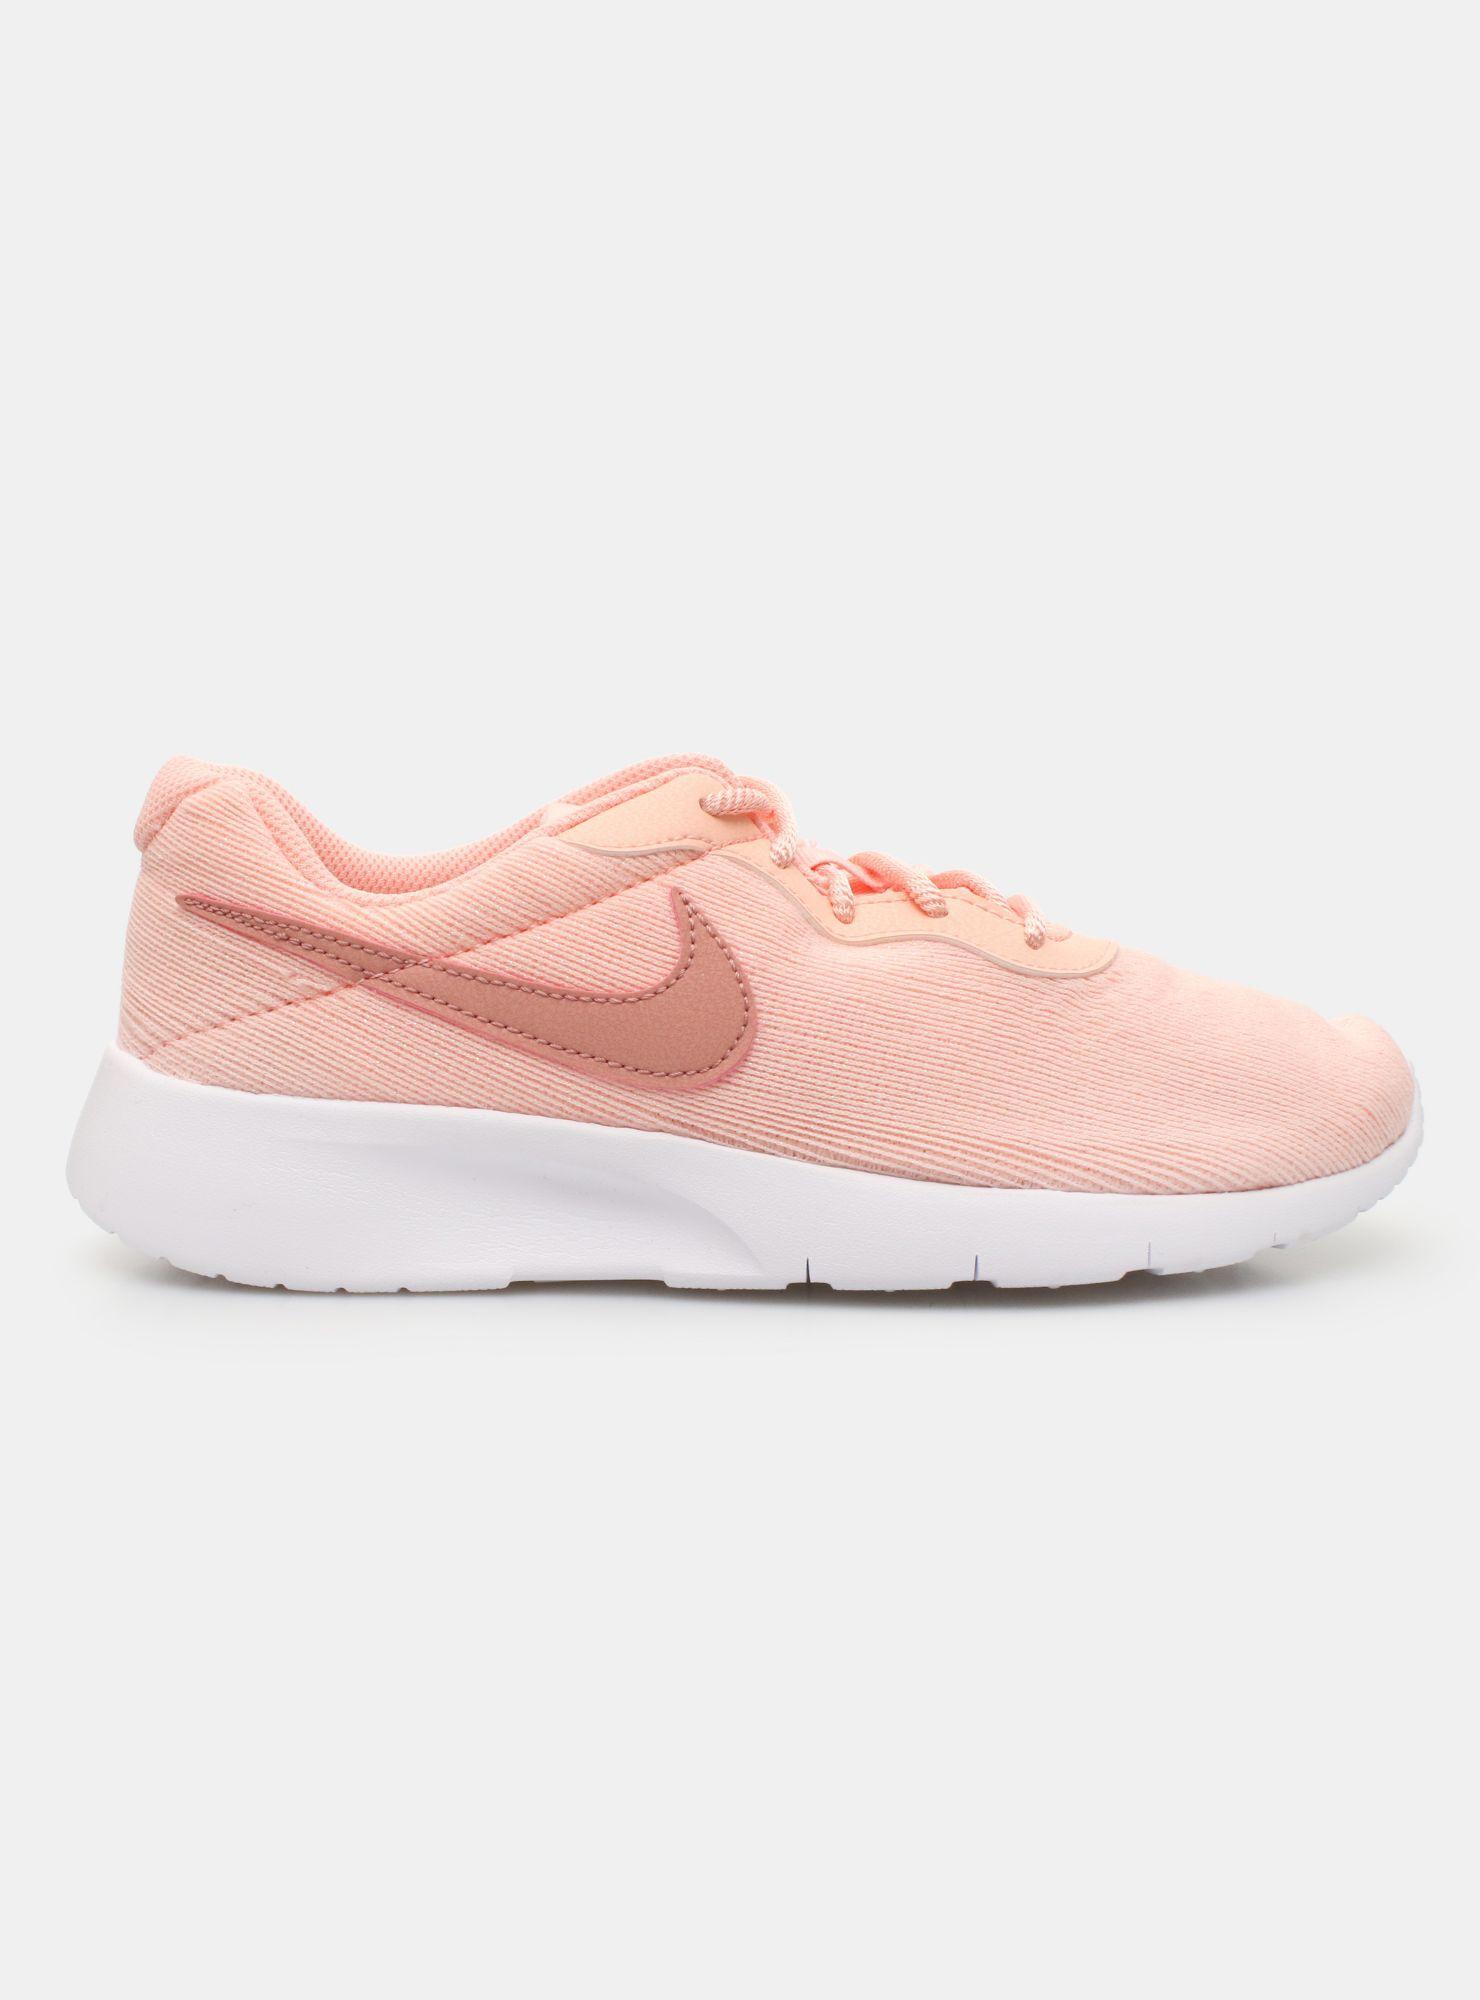 e218d2305 Zapatilla Nike Tanjun Urbana Niña - Zapatillas